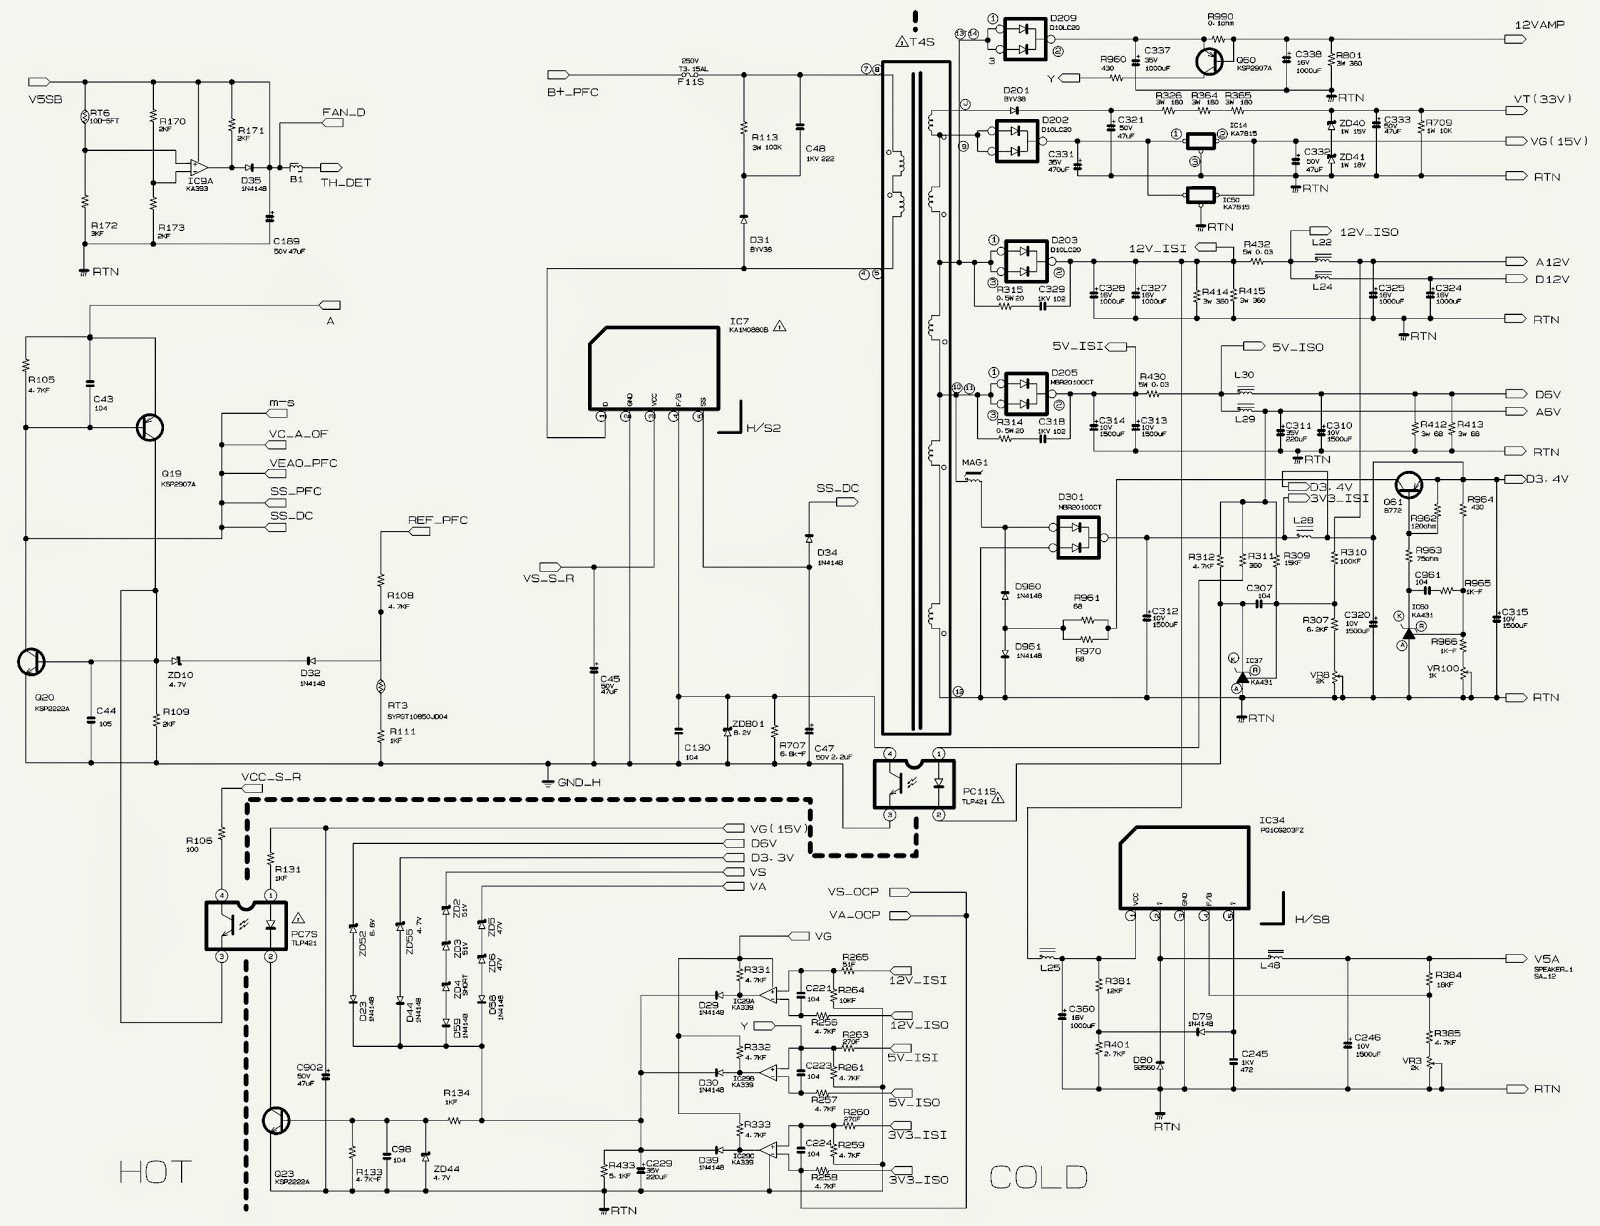 samsung b4k-5 bn96 smps schematic | electro help samsung lcd wiring schematic